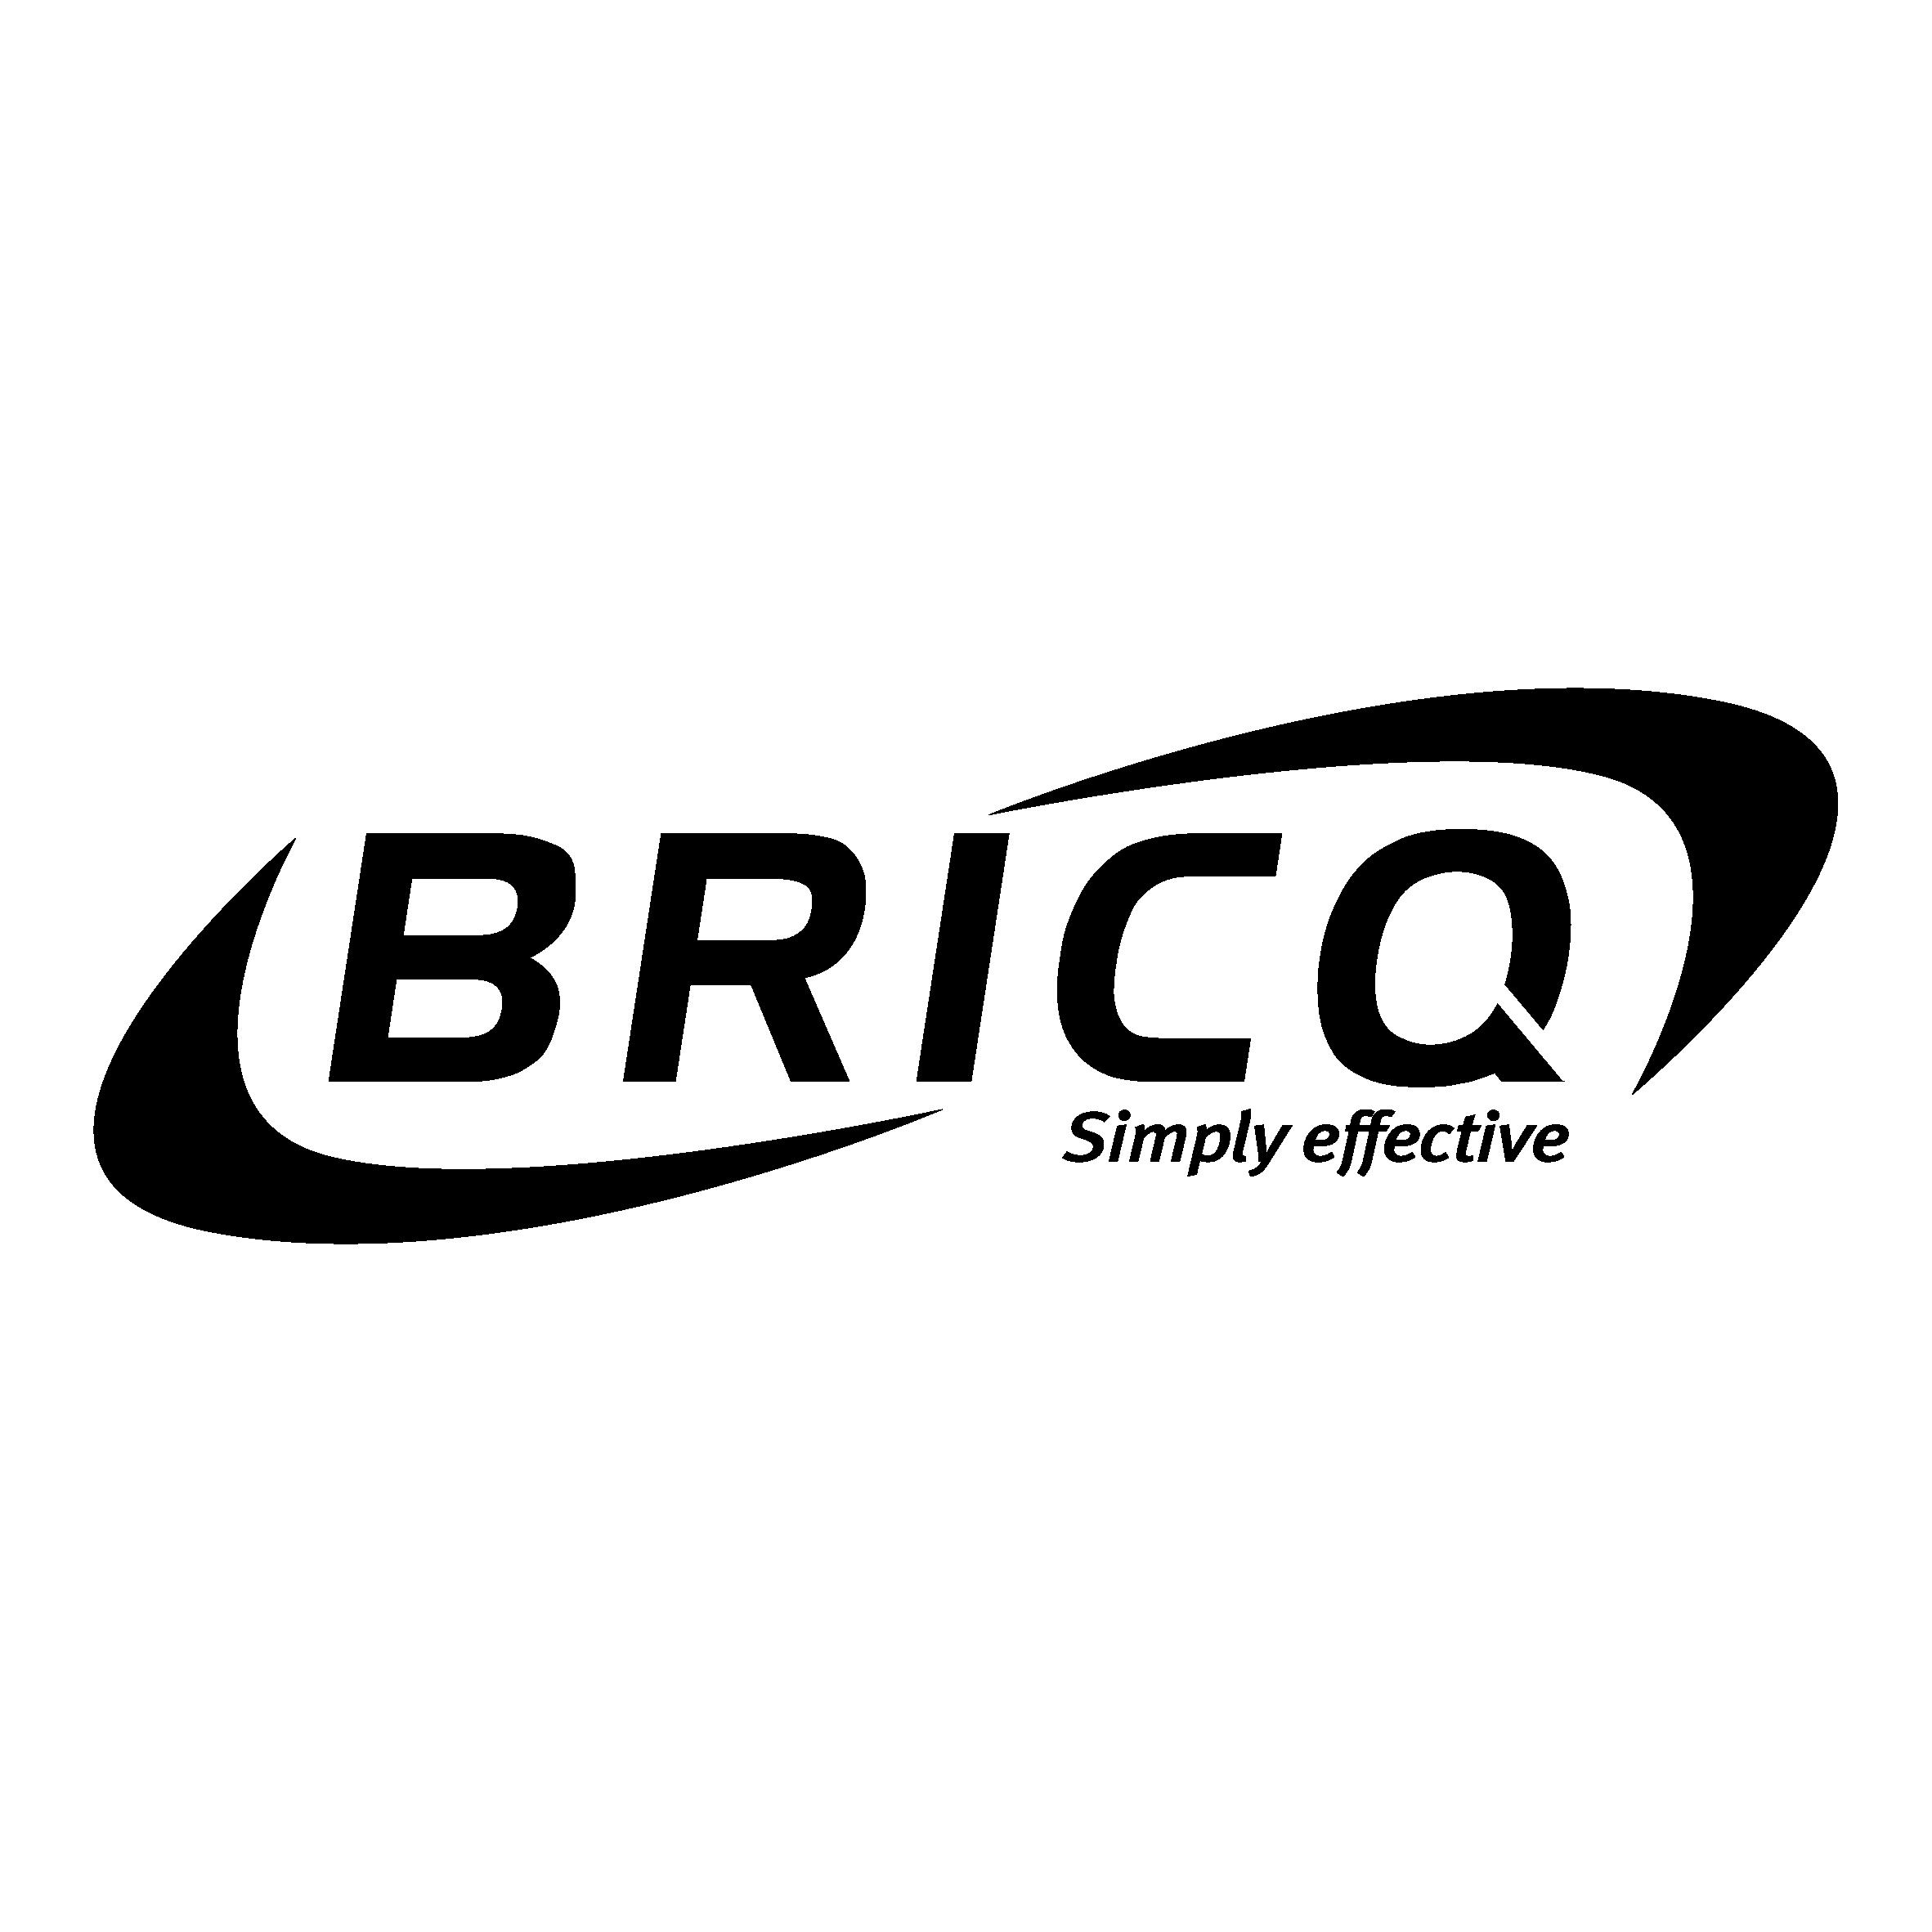 logos bn_Mesa de trabajo 1 copia 4